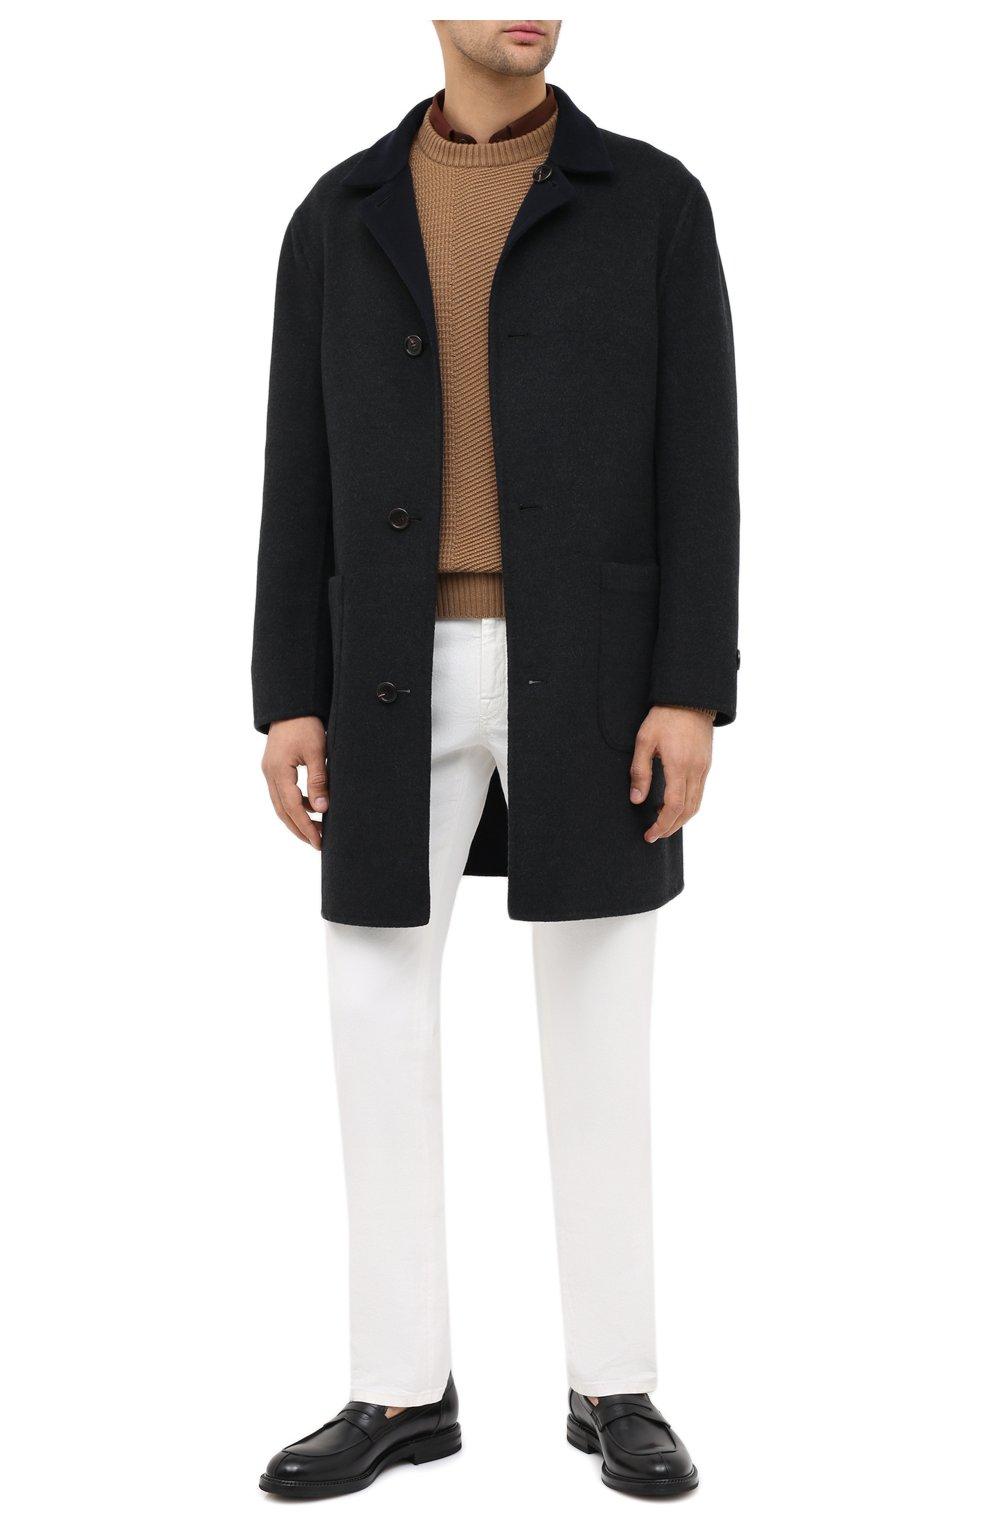 Мужской двустороннее кашемировое пальто BRUNELLO CUCINELLI темно-серого цвета, арт. ML4549947   Фото 2 (Материал внешний: Шерсть, Кашемир; Рукава: Длинные; Длина (верхняя одежда): До середины бедра; Мужское Кросс-КТ: Верхняя одежда, пальто-верхняя одежда; Стили: Кэжуэл; Статус проверки: Проверена категория)